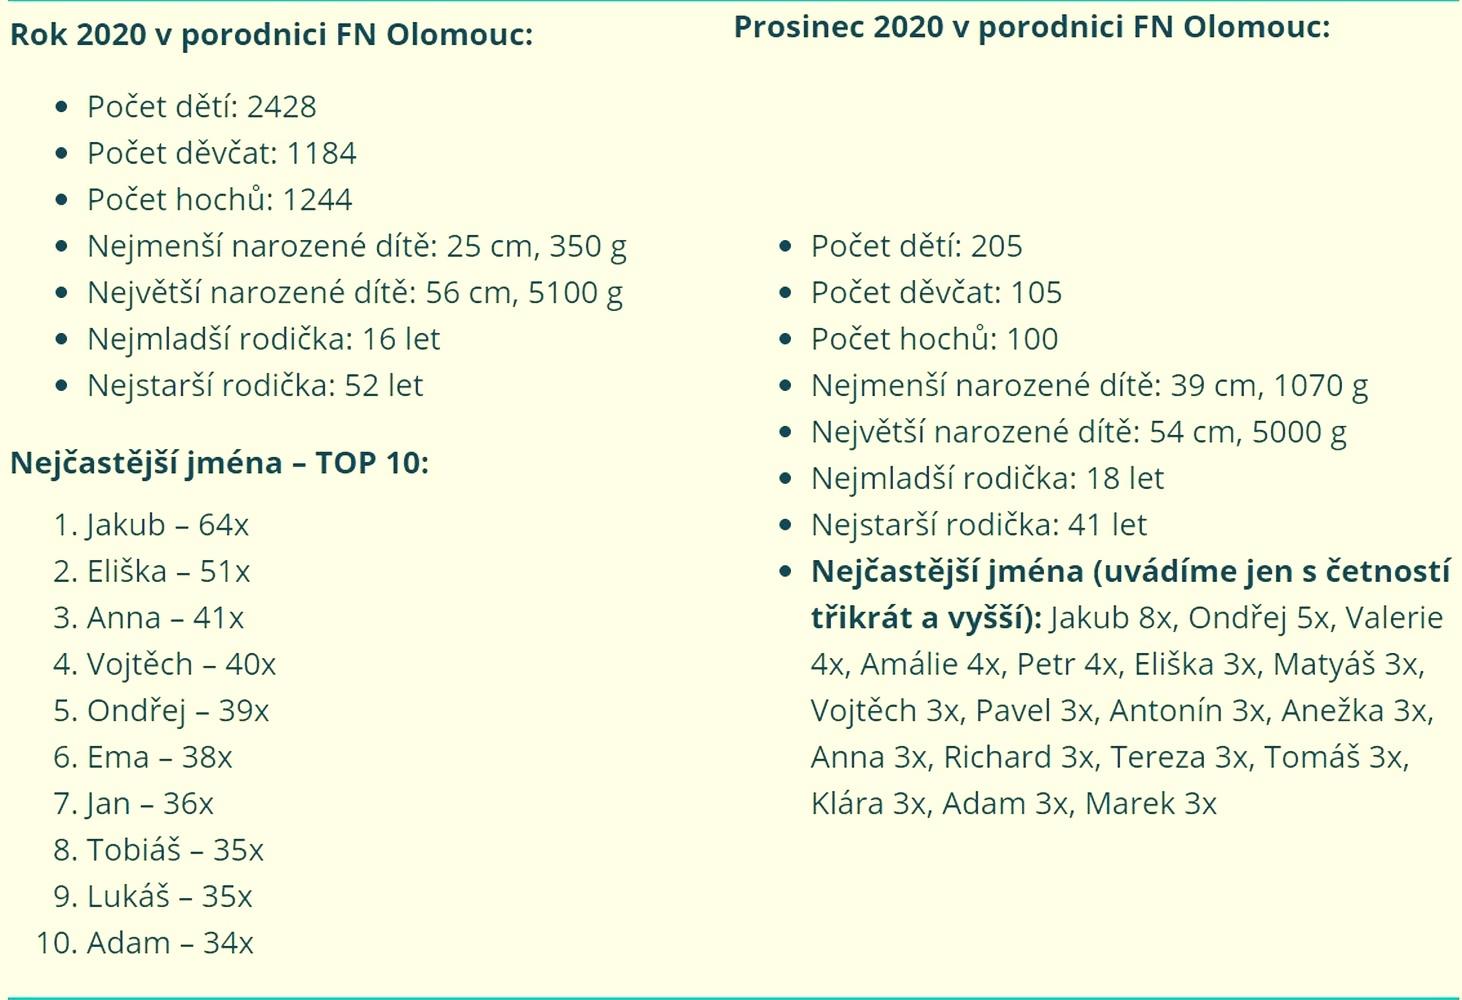 rok 2020 zdroj:FNOL